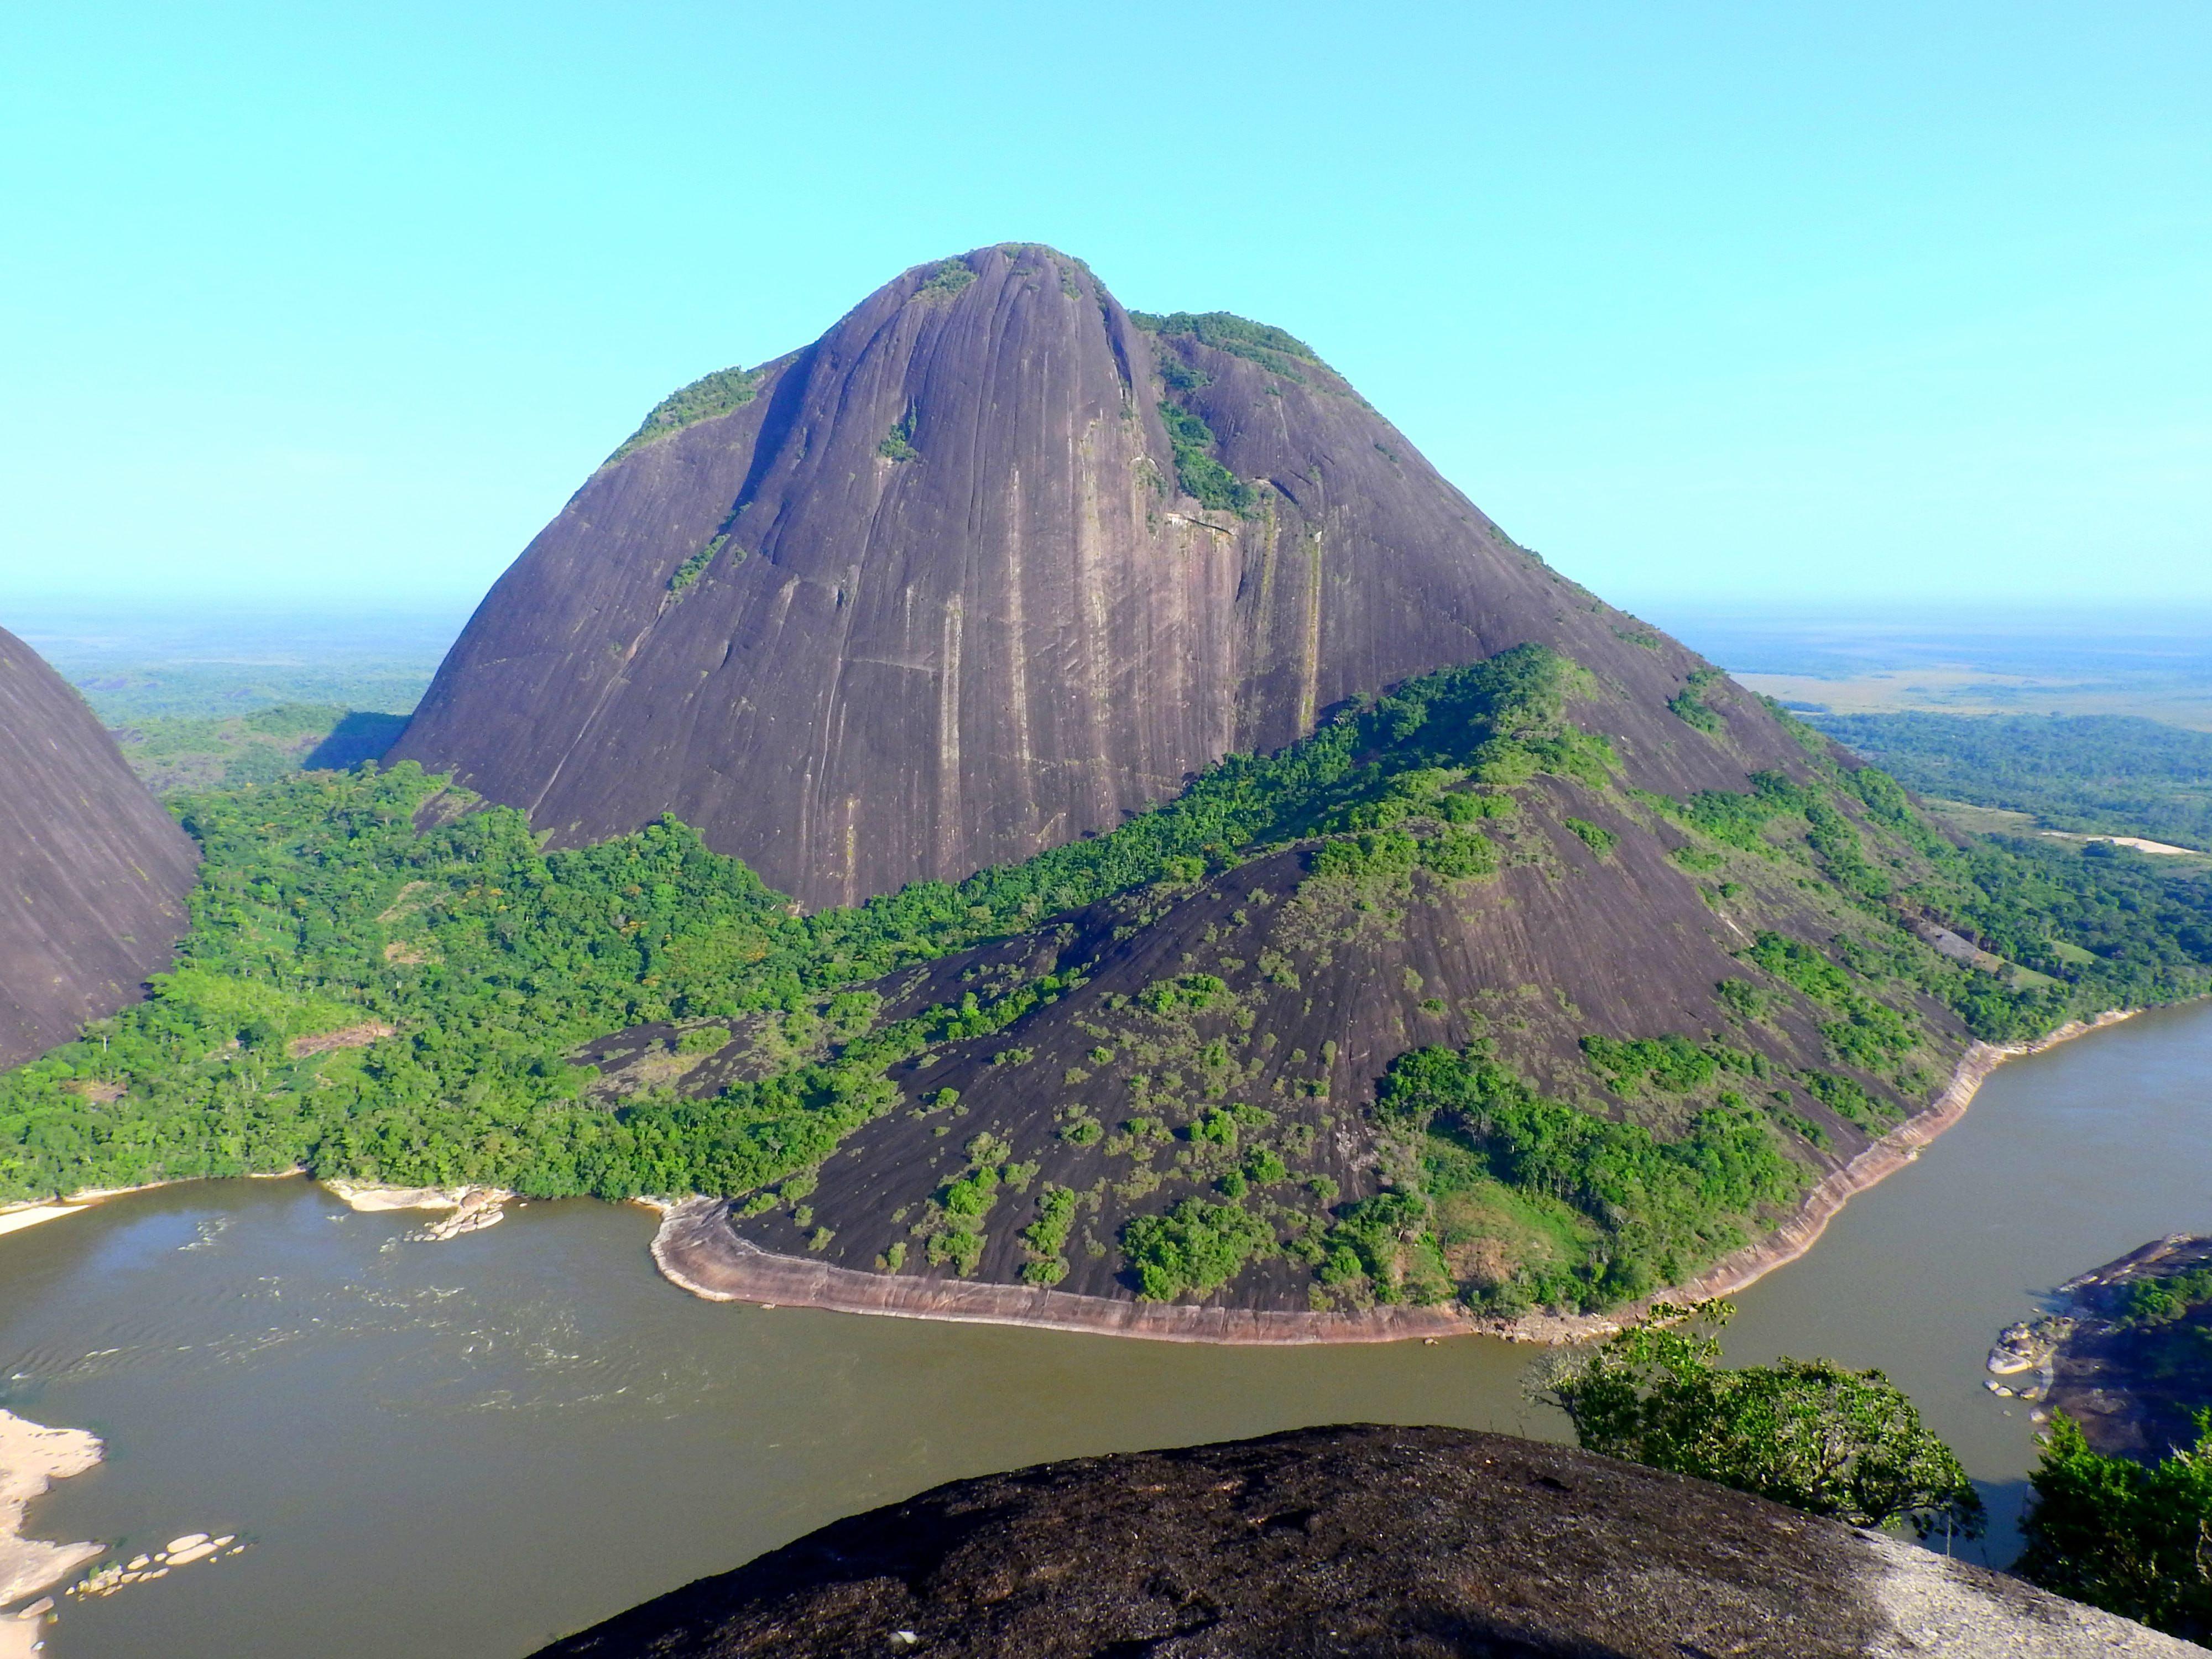 Cerros de Mavecure, Colombia